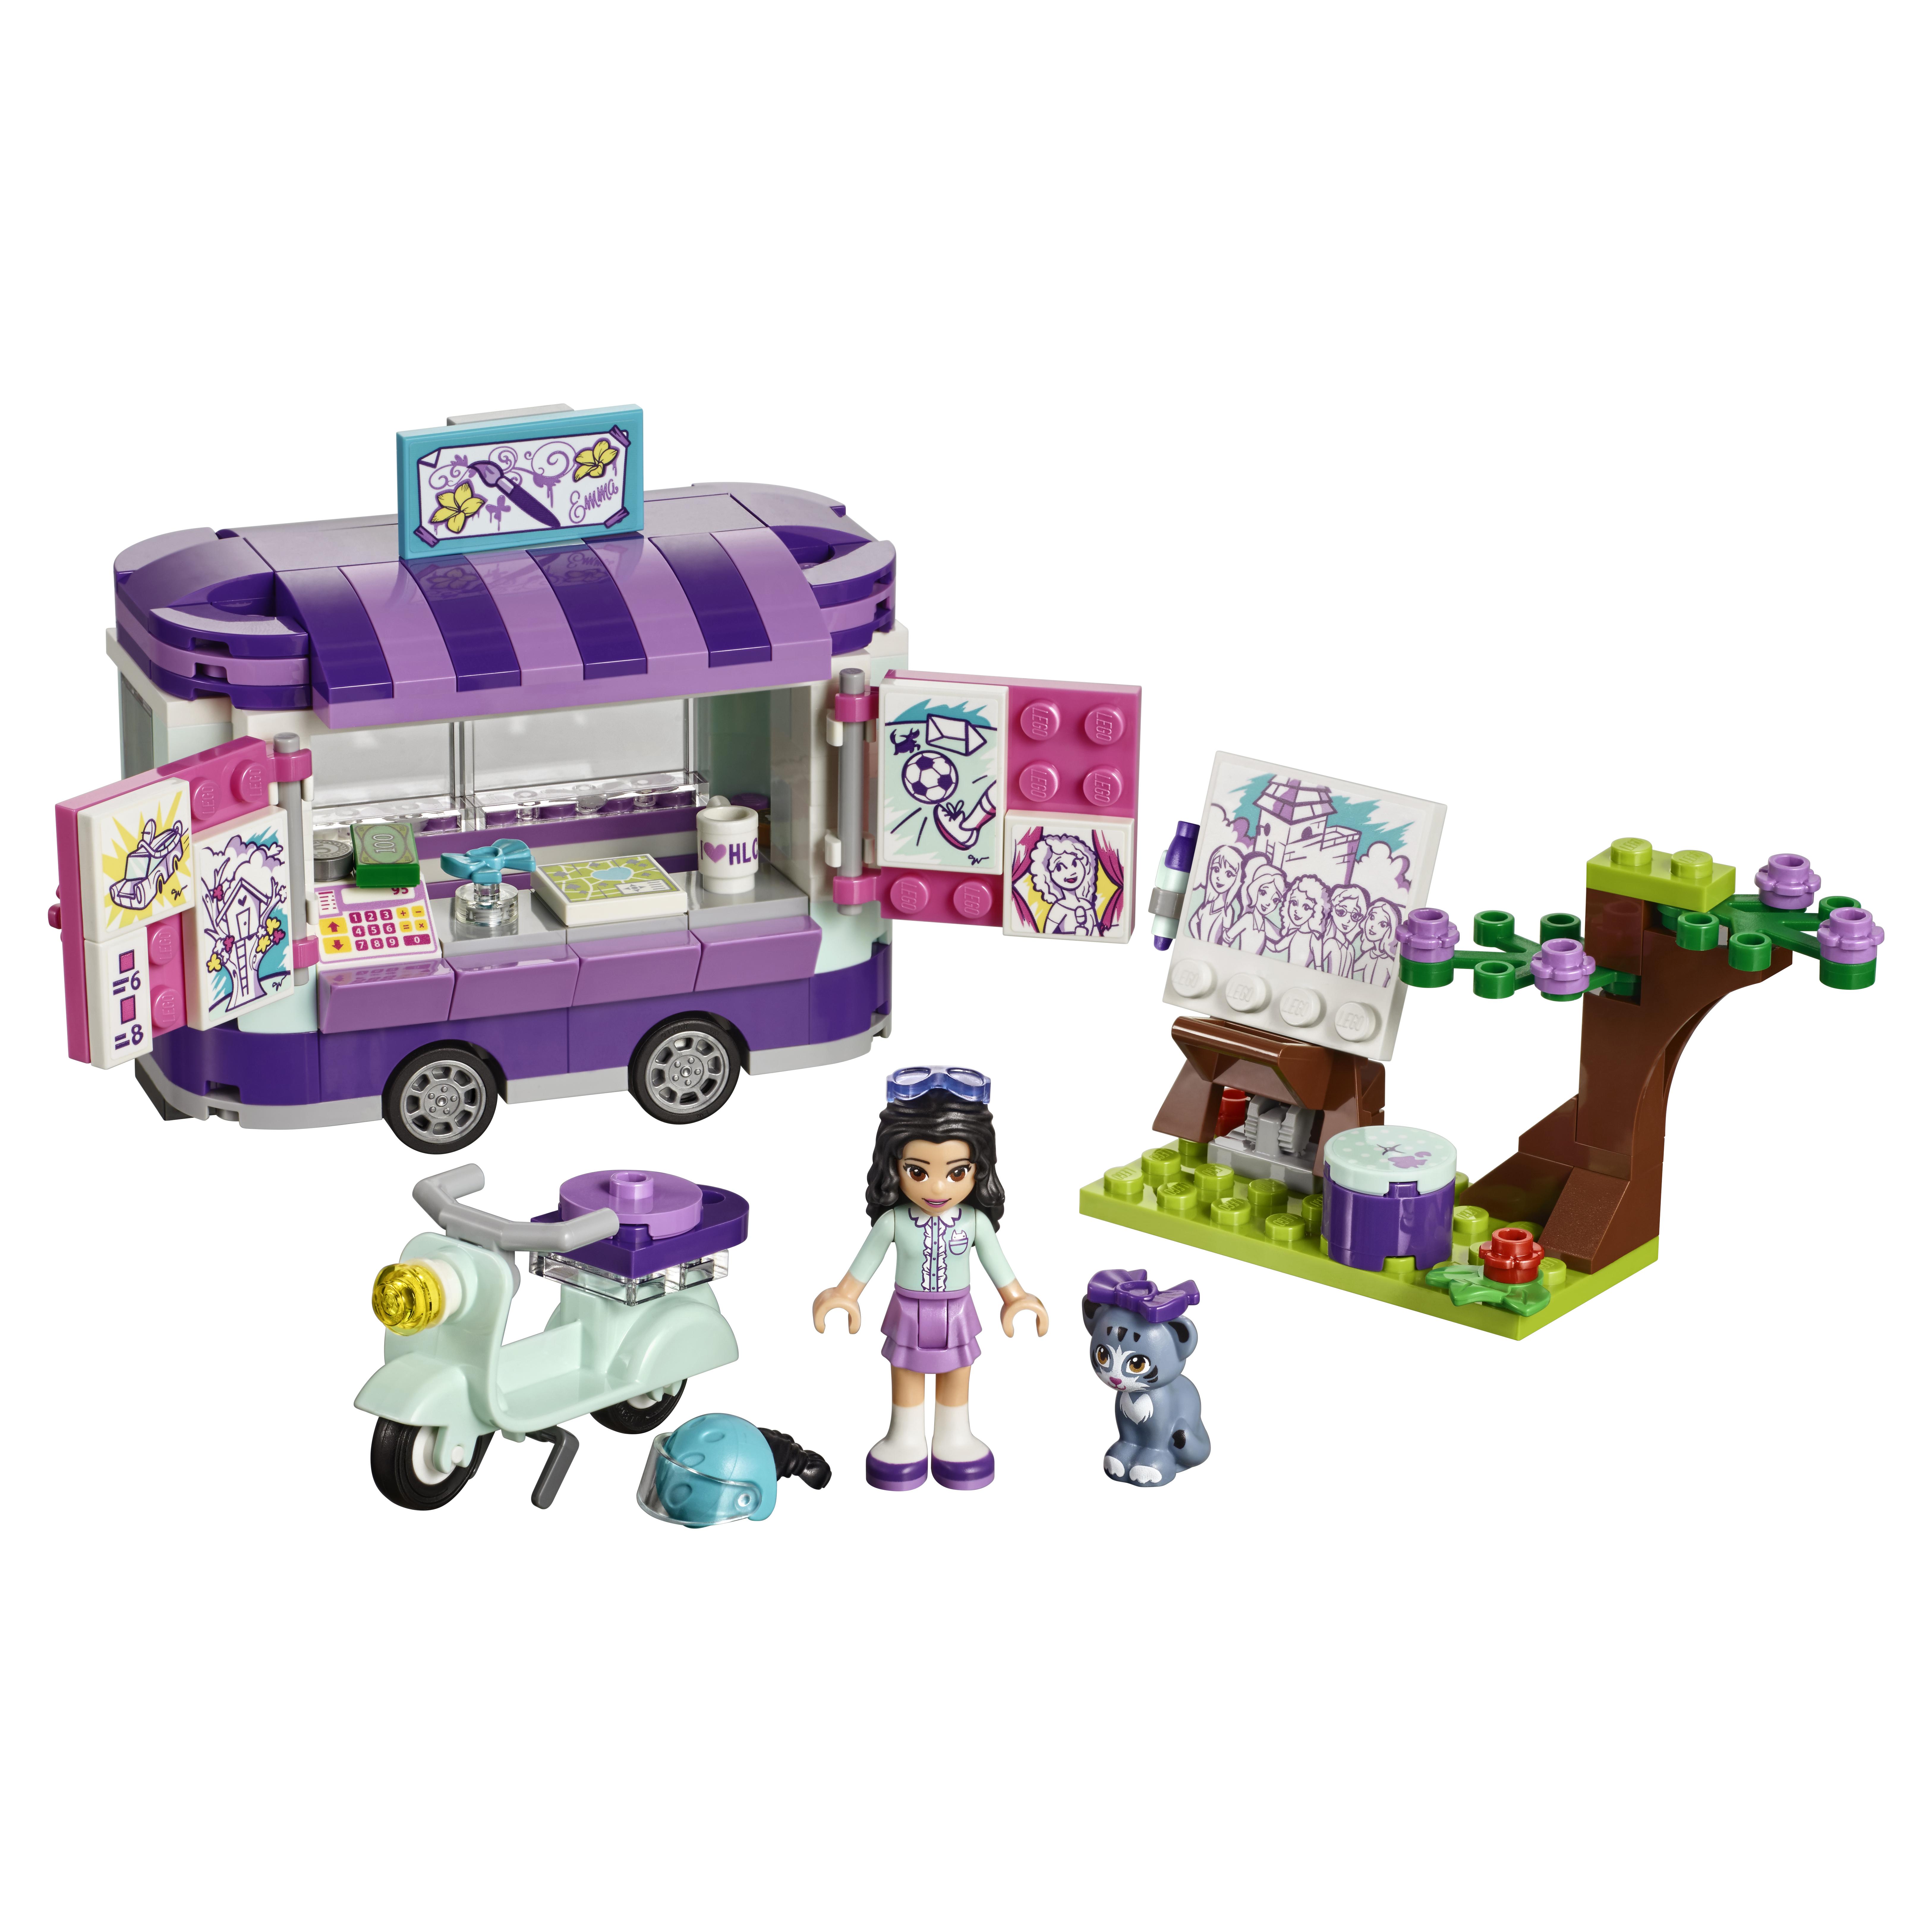 Конструктор LEGO Friends Передвижная творческая мастерская Эммы (41332)